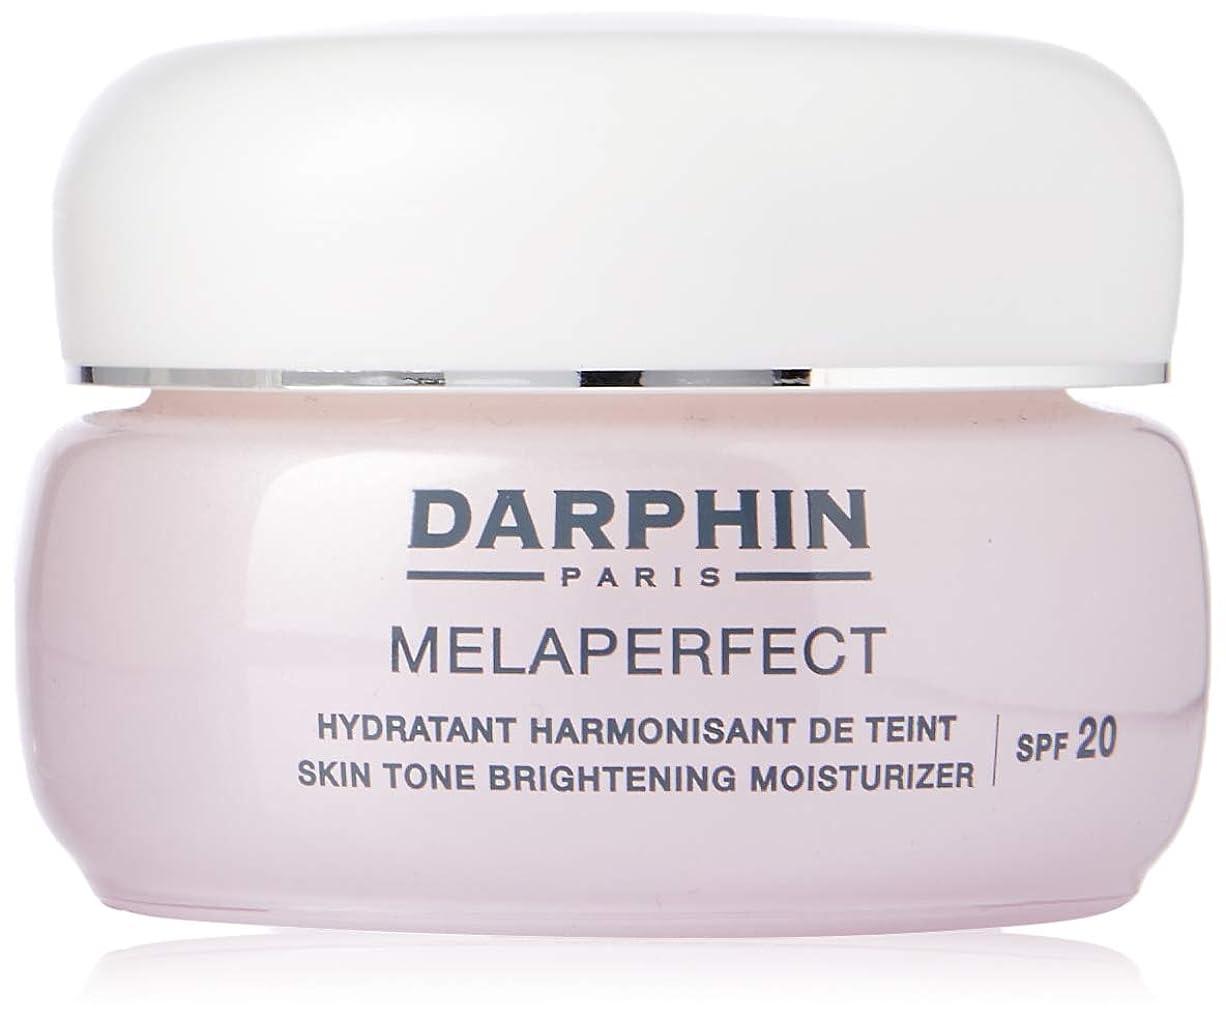 同性愛者万歳徴収ダルファン Melaperfect Hyper Pigmentation Skin Tone Brightening Moisturizer SPF 20 (Normal to Dry Skin) 50ml [海外直送品]